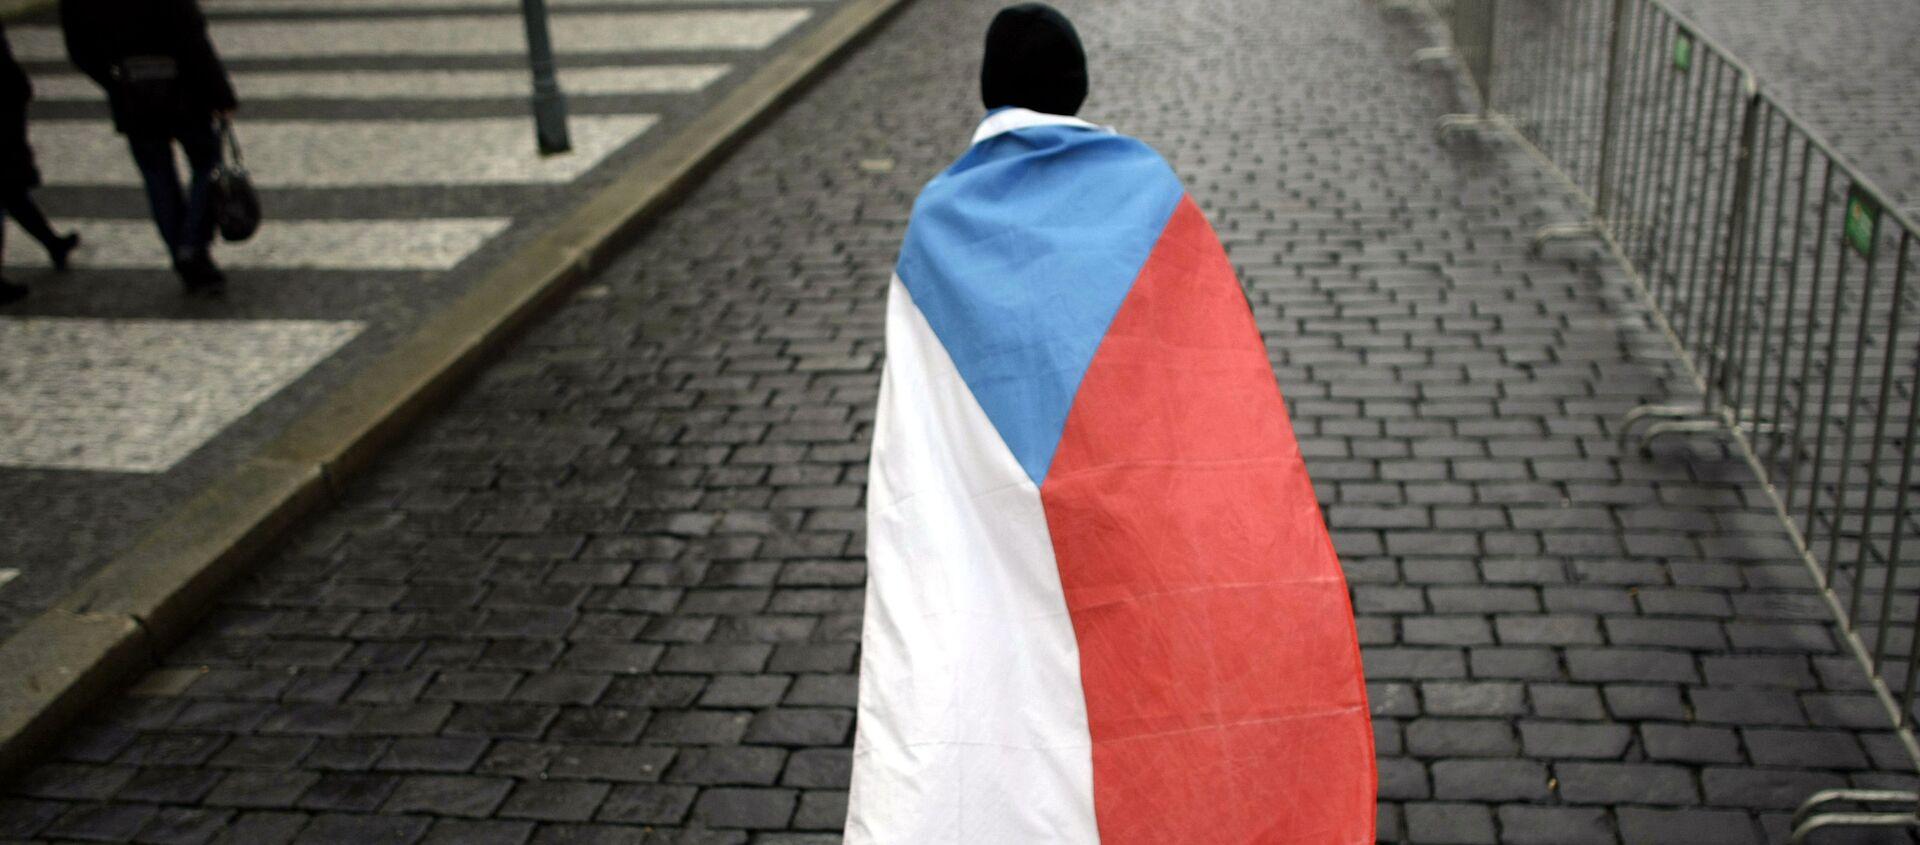 Czechy zastanawiają się nad wycofaniem się z UE - Sputnik Polska, 1920, 17.04.2021